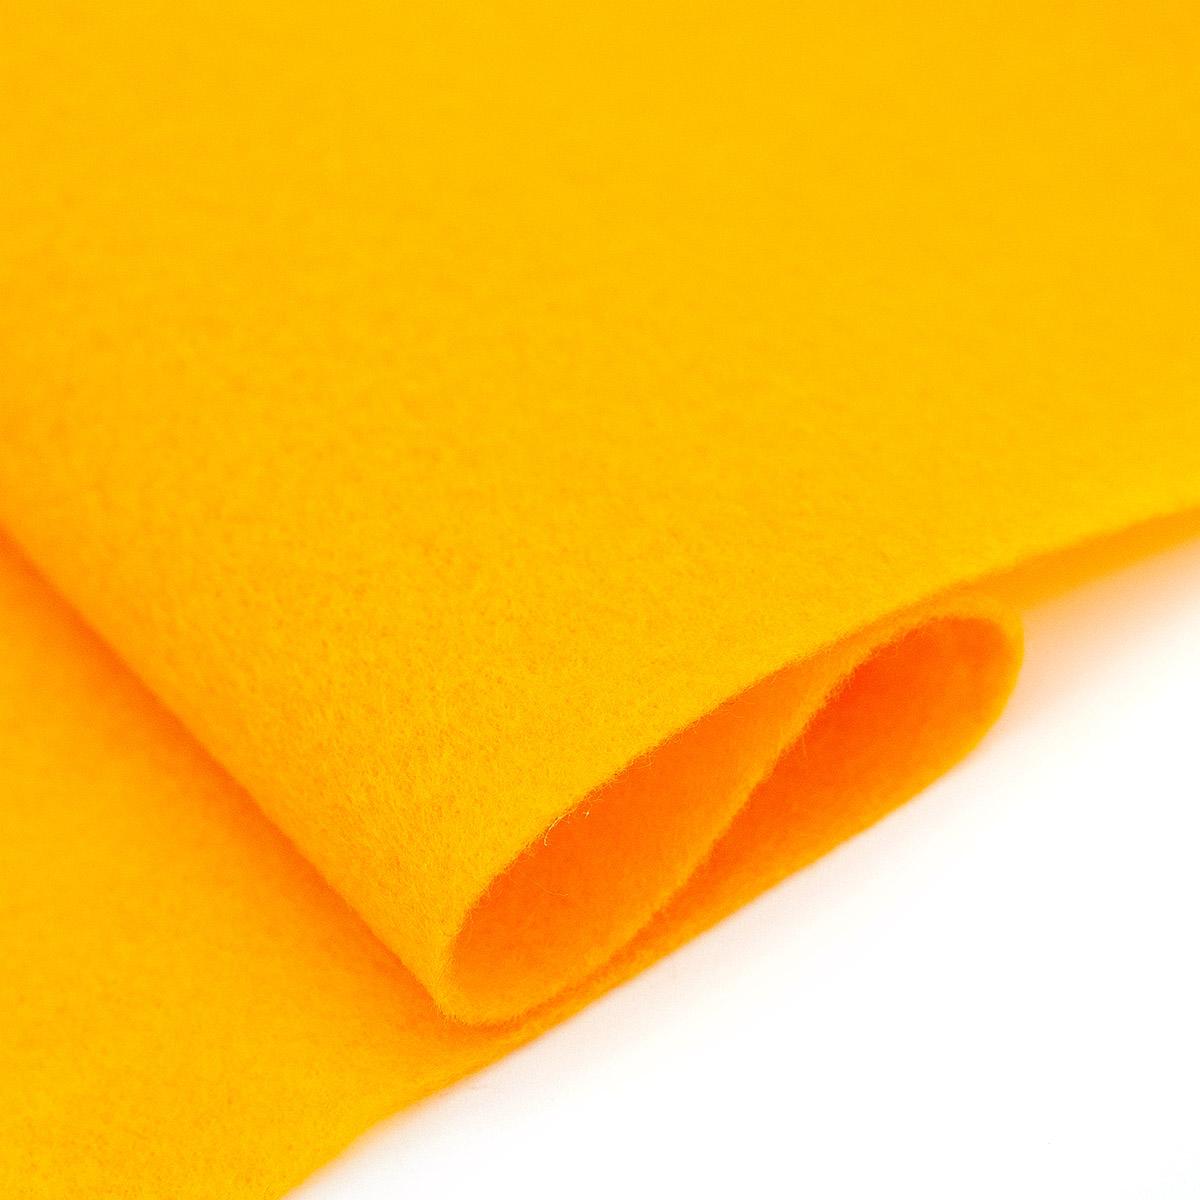 61212652 Фетр для творчества, желтое золото, 2мм, 20x30см, уп./ 1шт. Glorex